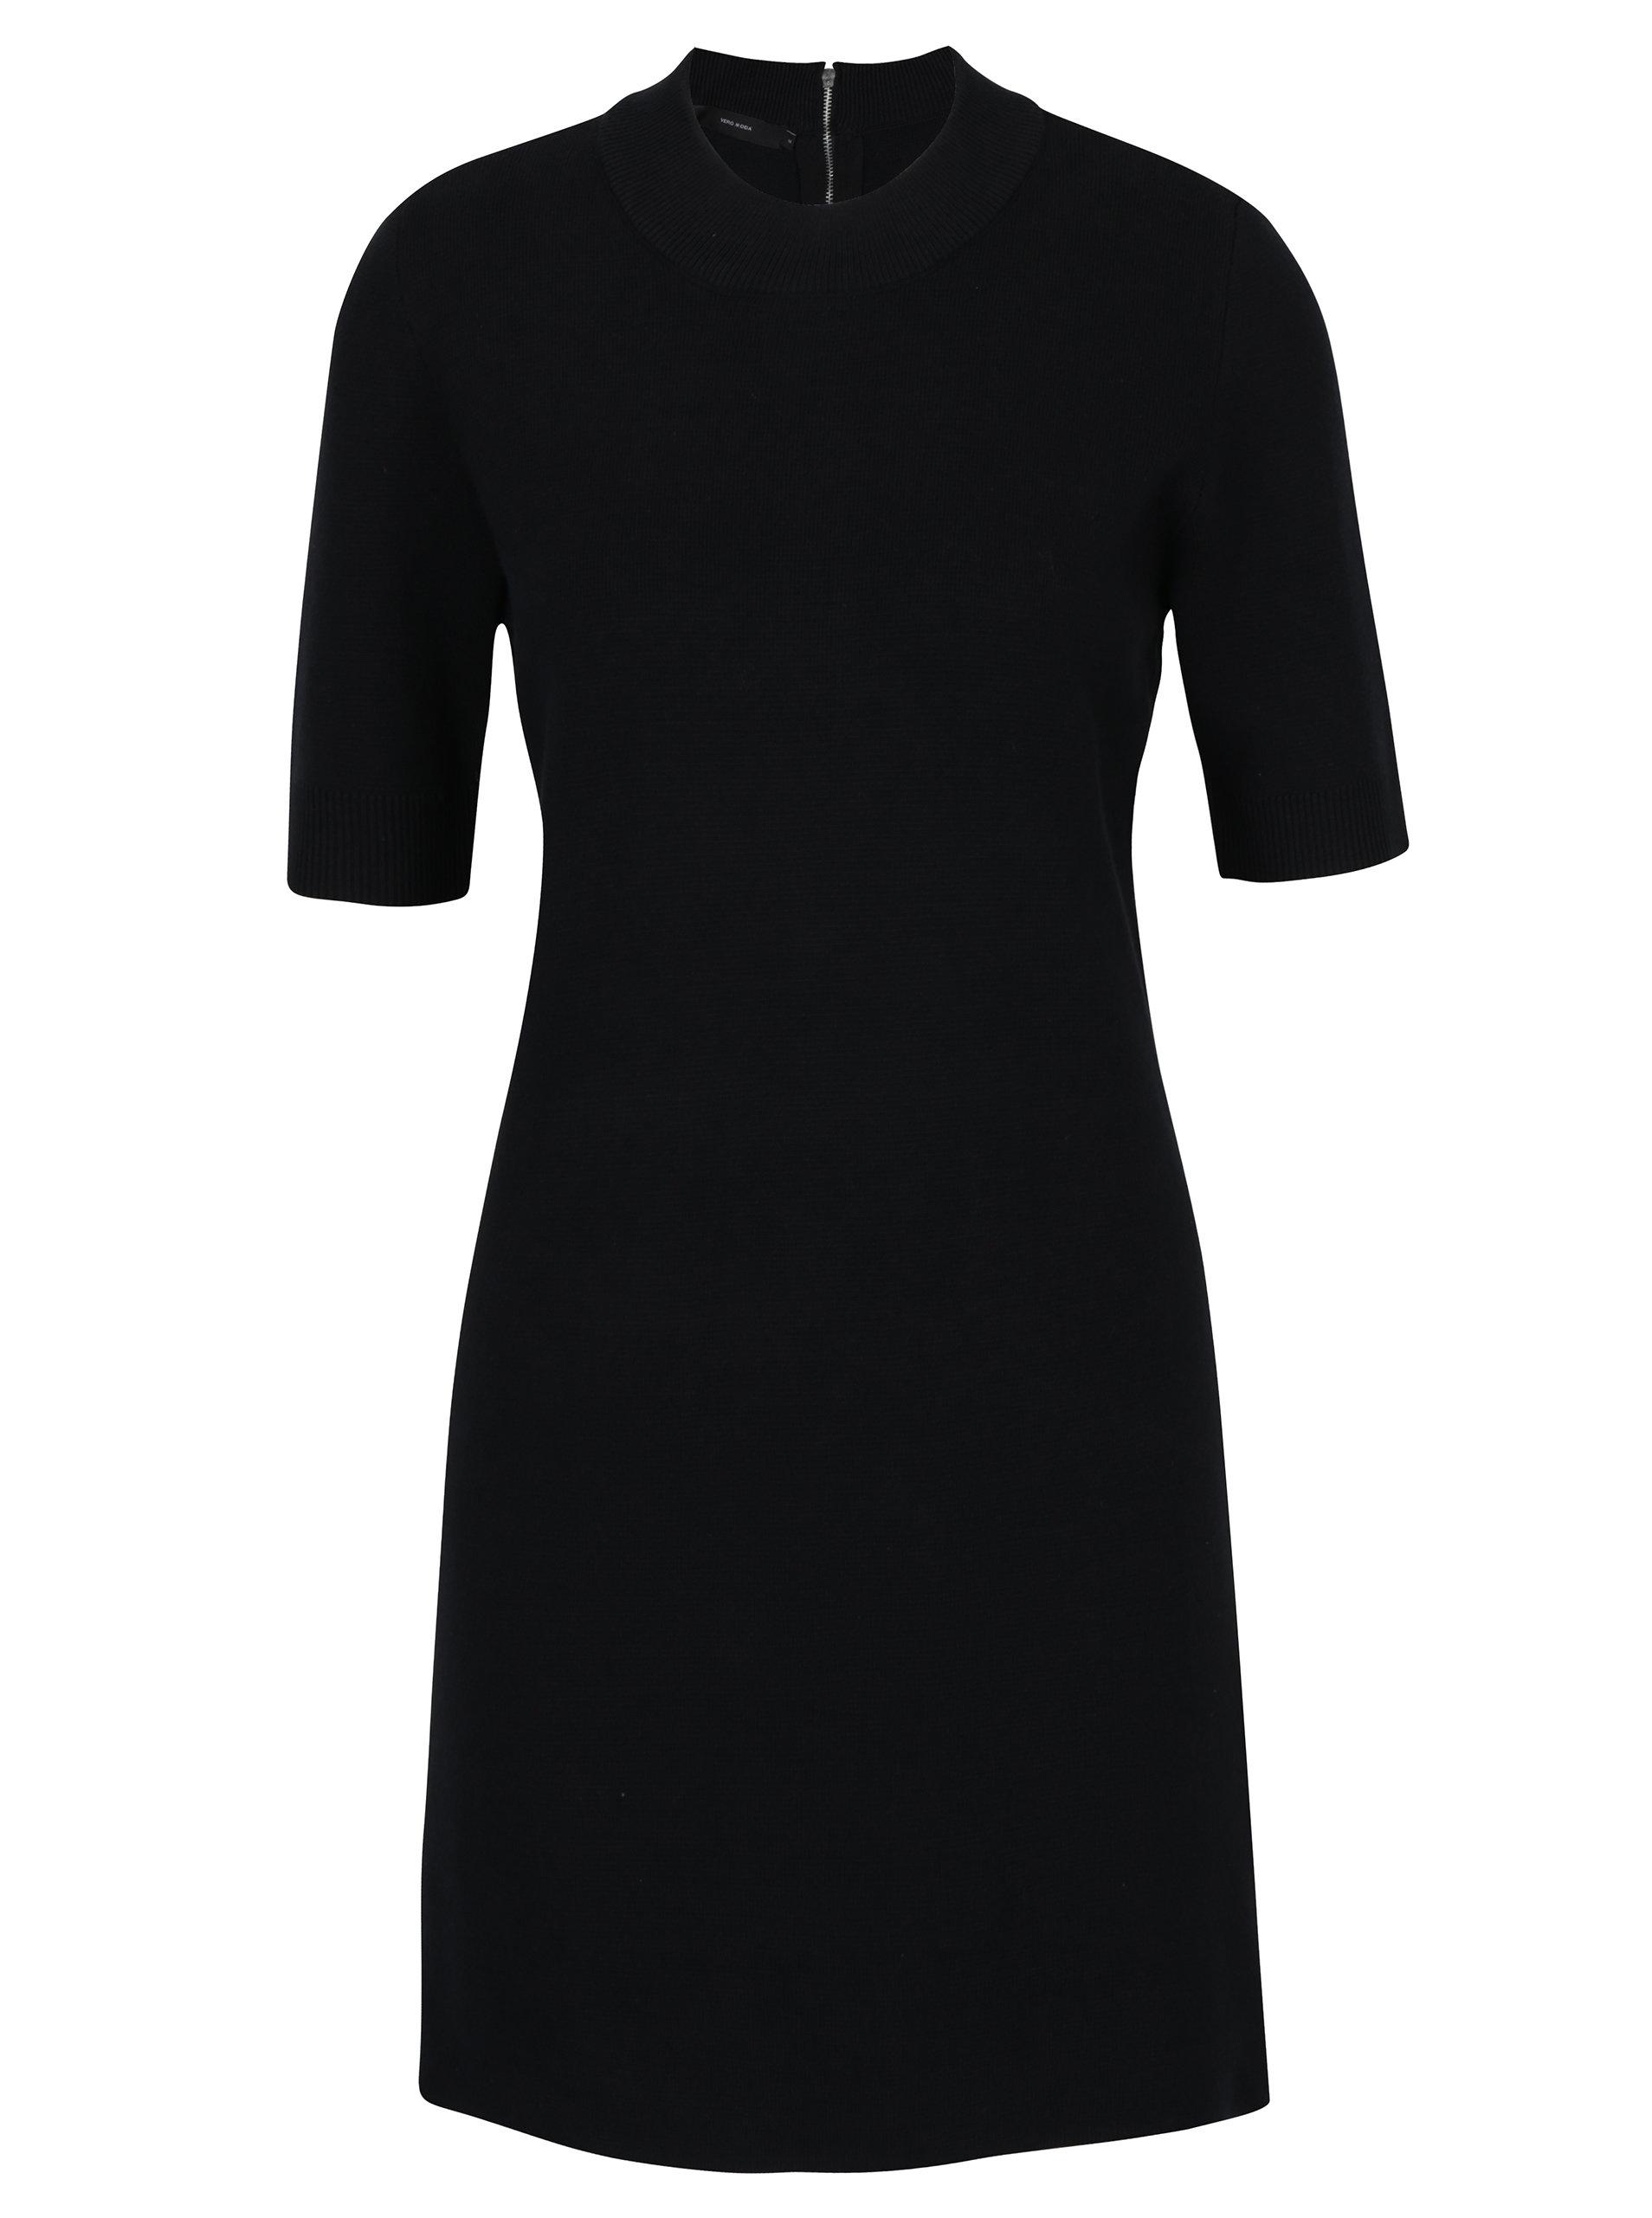 893c16fd23f Černé svetrové šaty s krátkým rukávem VERO MODA Barstow ...